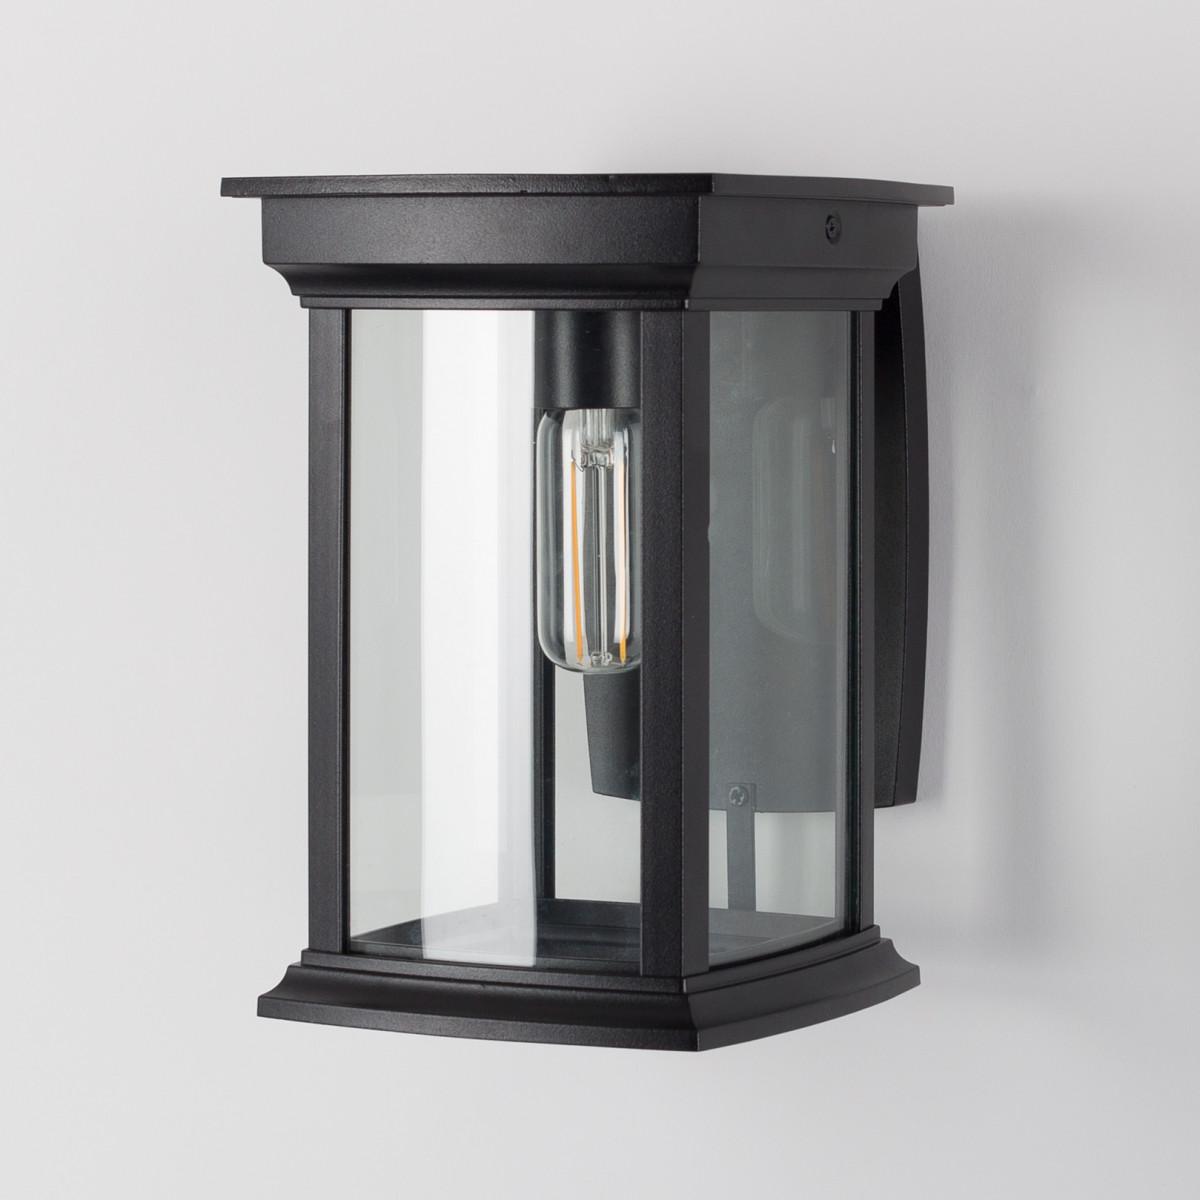 Zwarte wandlamp voor buiten, vierkante muursteun, lantaarnkap met zwart frame en heldere ruitjes, lichtbron boven in de kap, zichtbaar in het armatuur